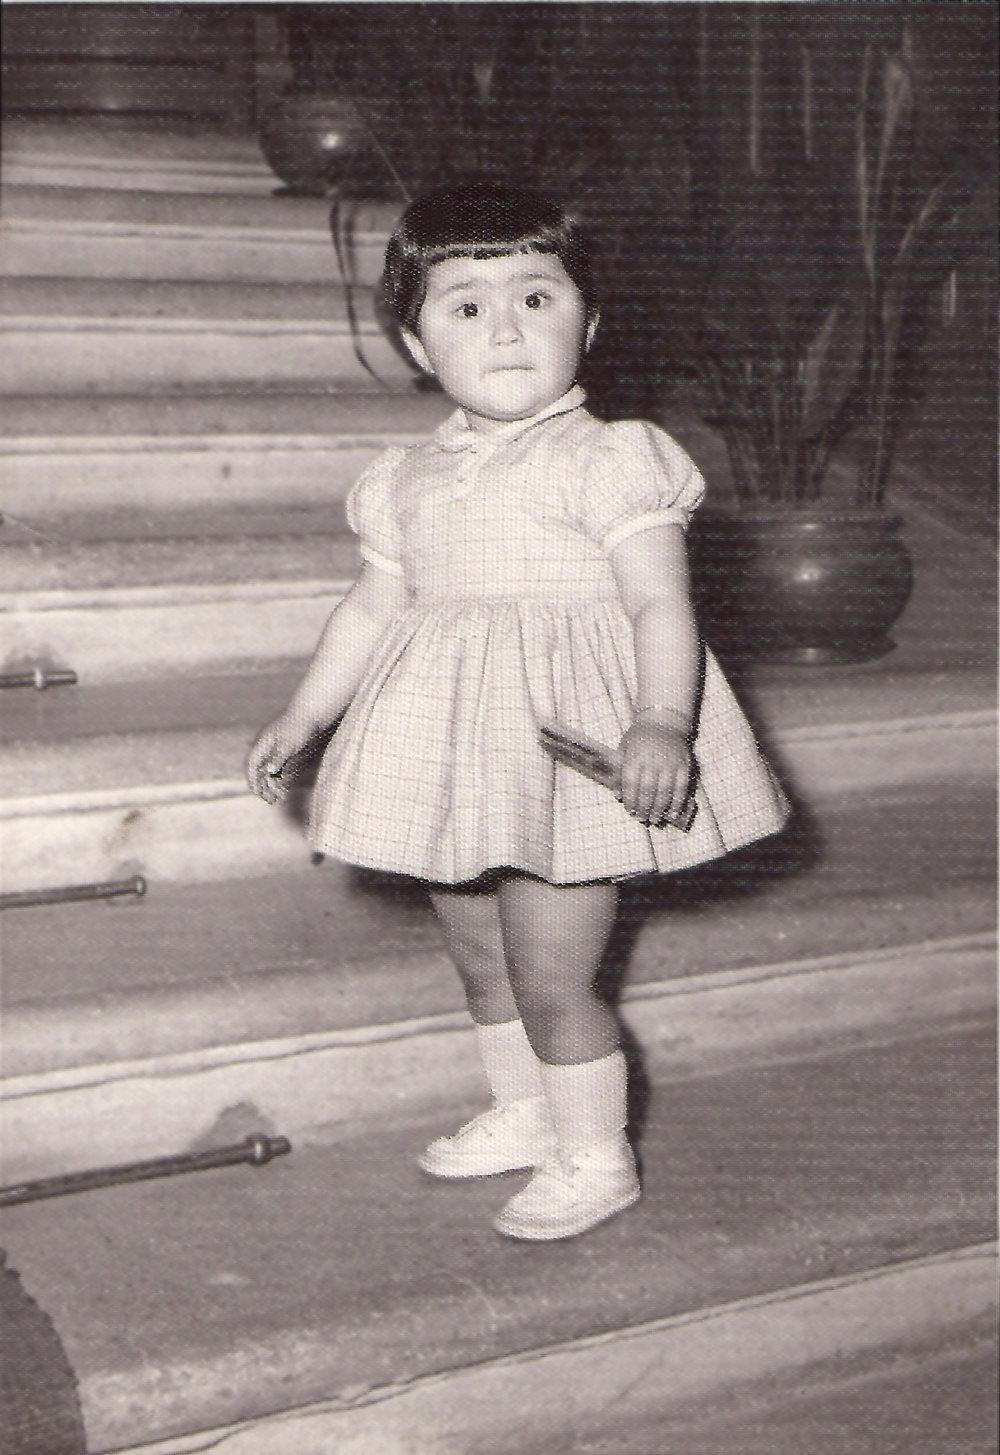 Goli Baby in Little Dress_jpeg.jpg